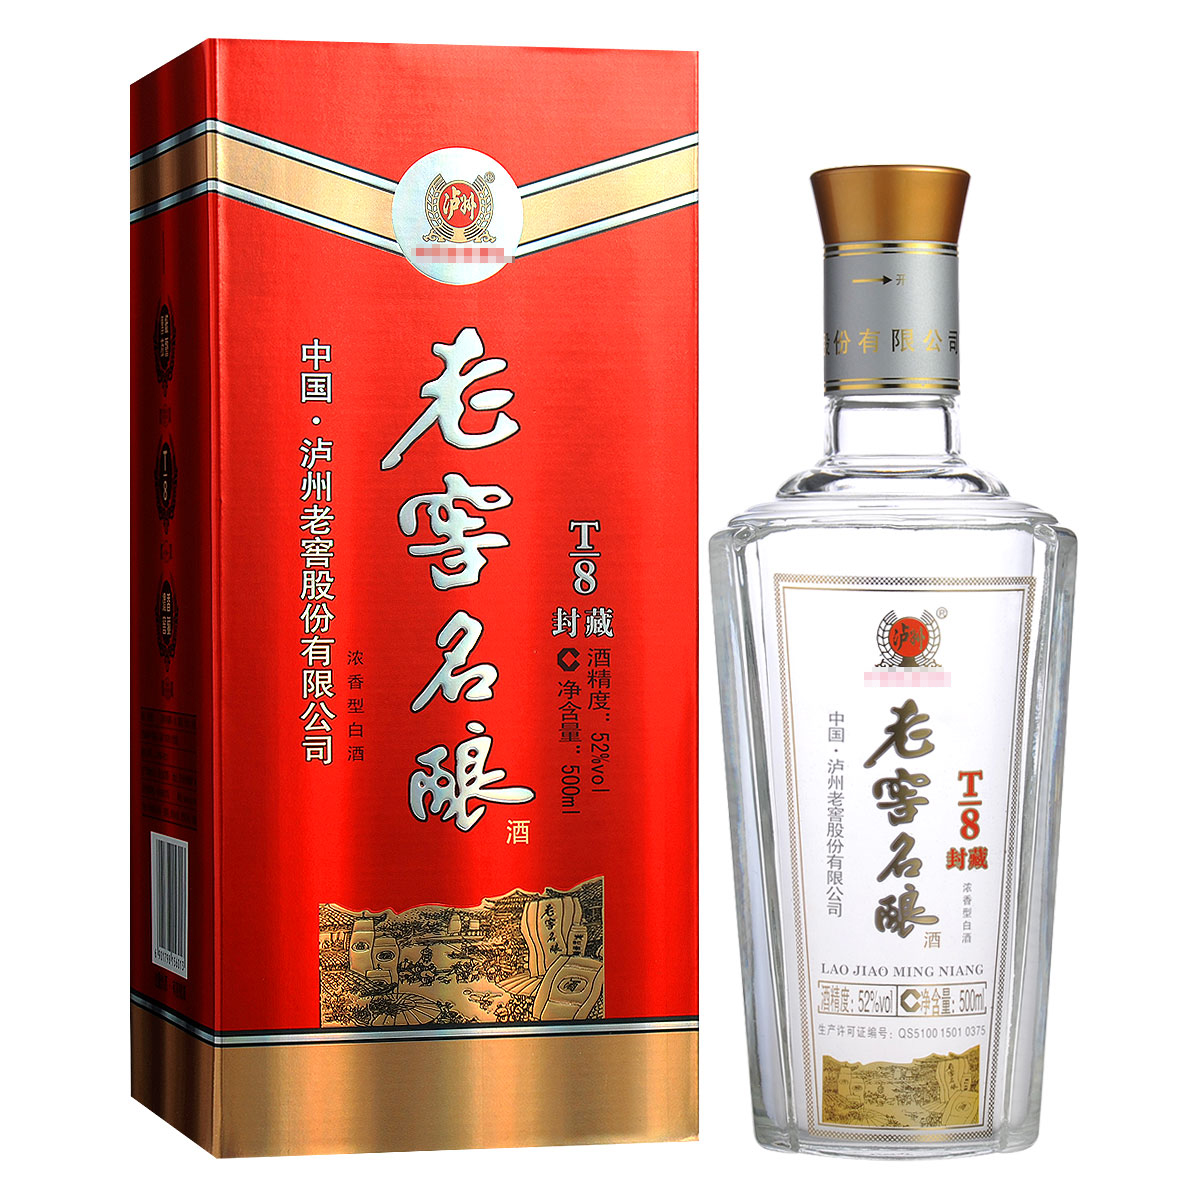 【清仓】52°泸州老窖名酿T8封藏500ml(2011-2013)